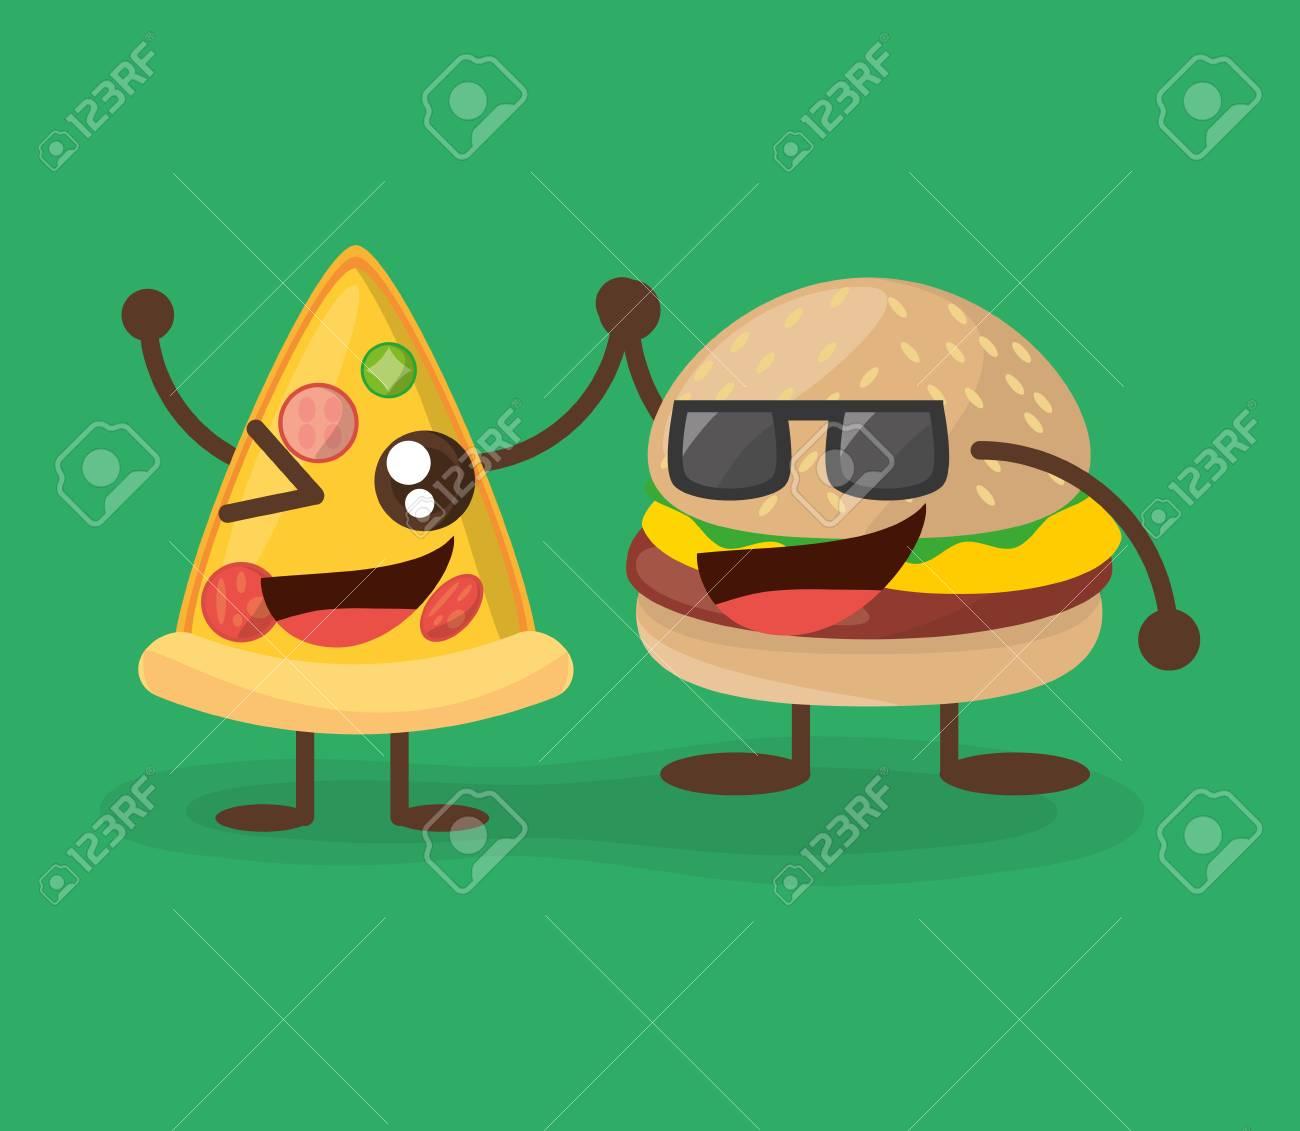 かわいいハンバーガーとピザ文字食品ベクトル イラスト Eps 10のイラスト